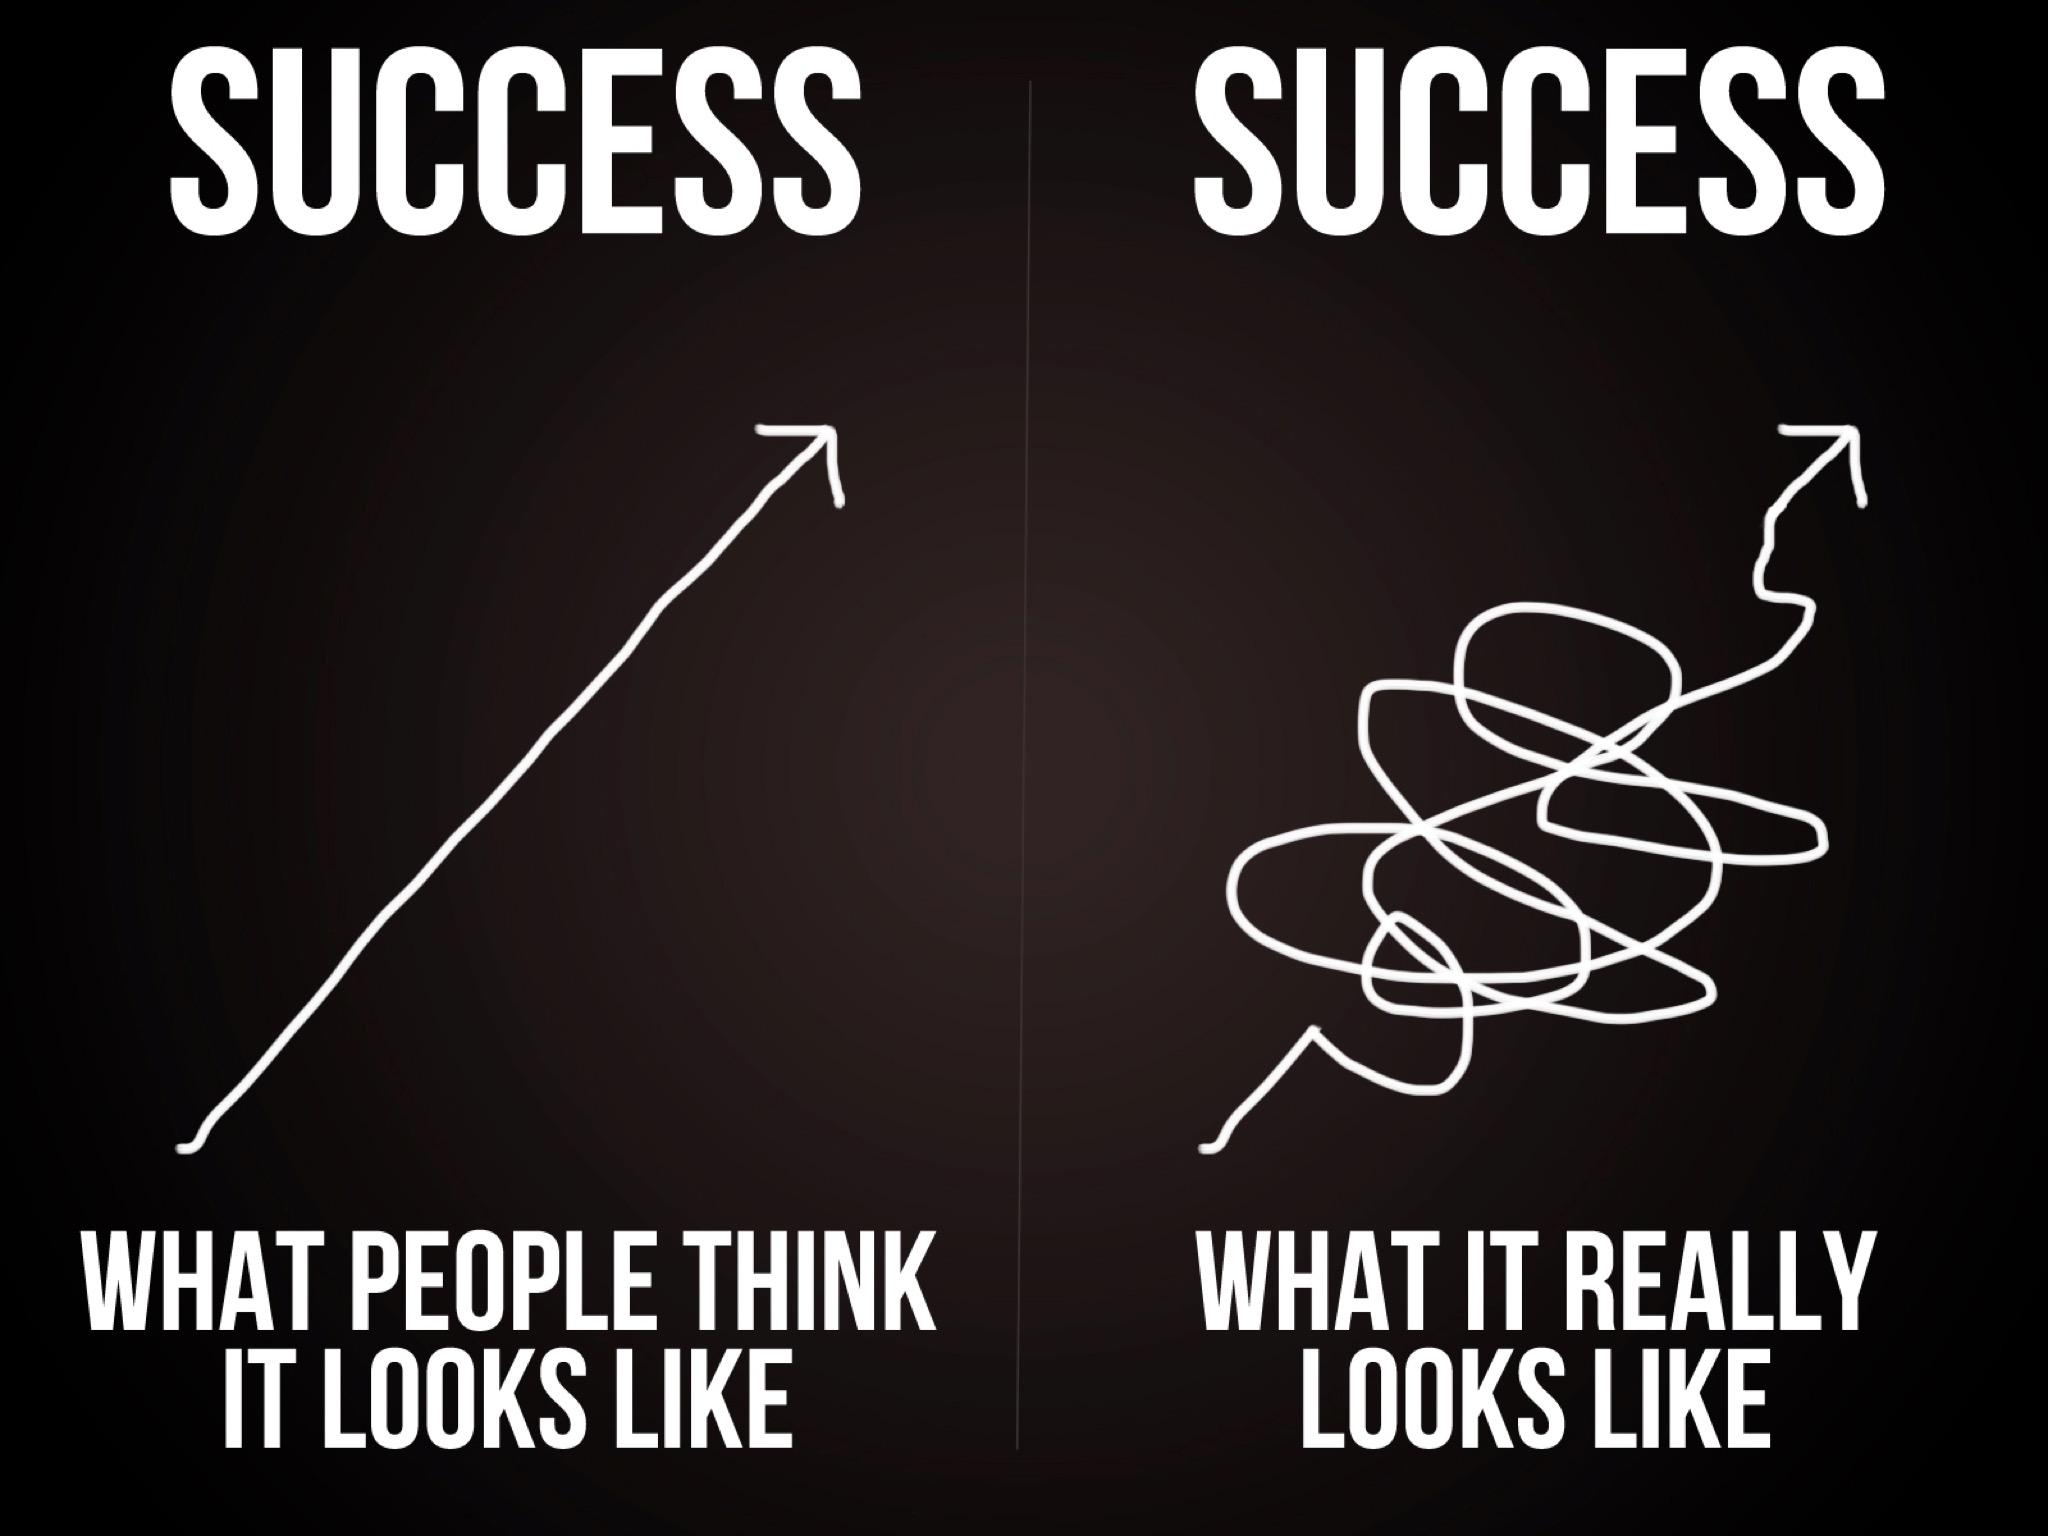 Image sur le succès